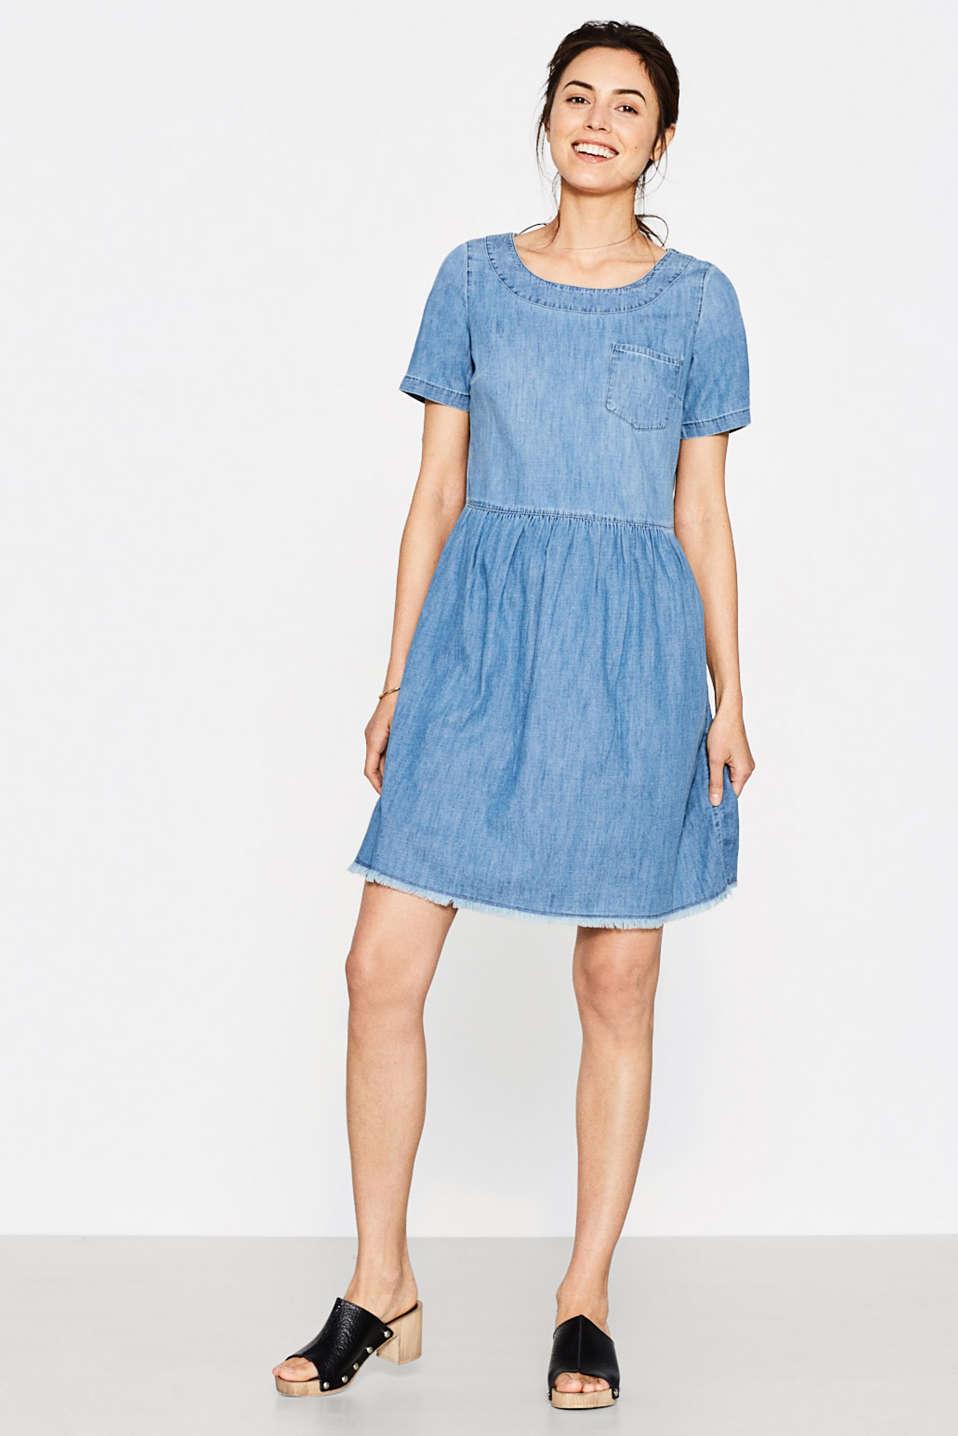 esprit robe en jean franges 100 coton acheter sur la boutique en ligne. Black Bedroom Furniture Sets. Home Design Ideas